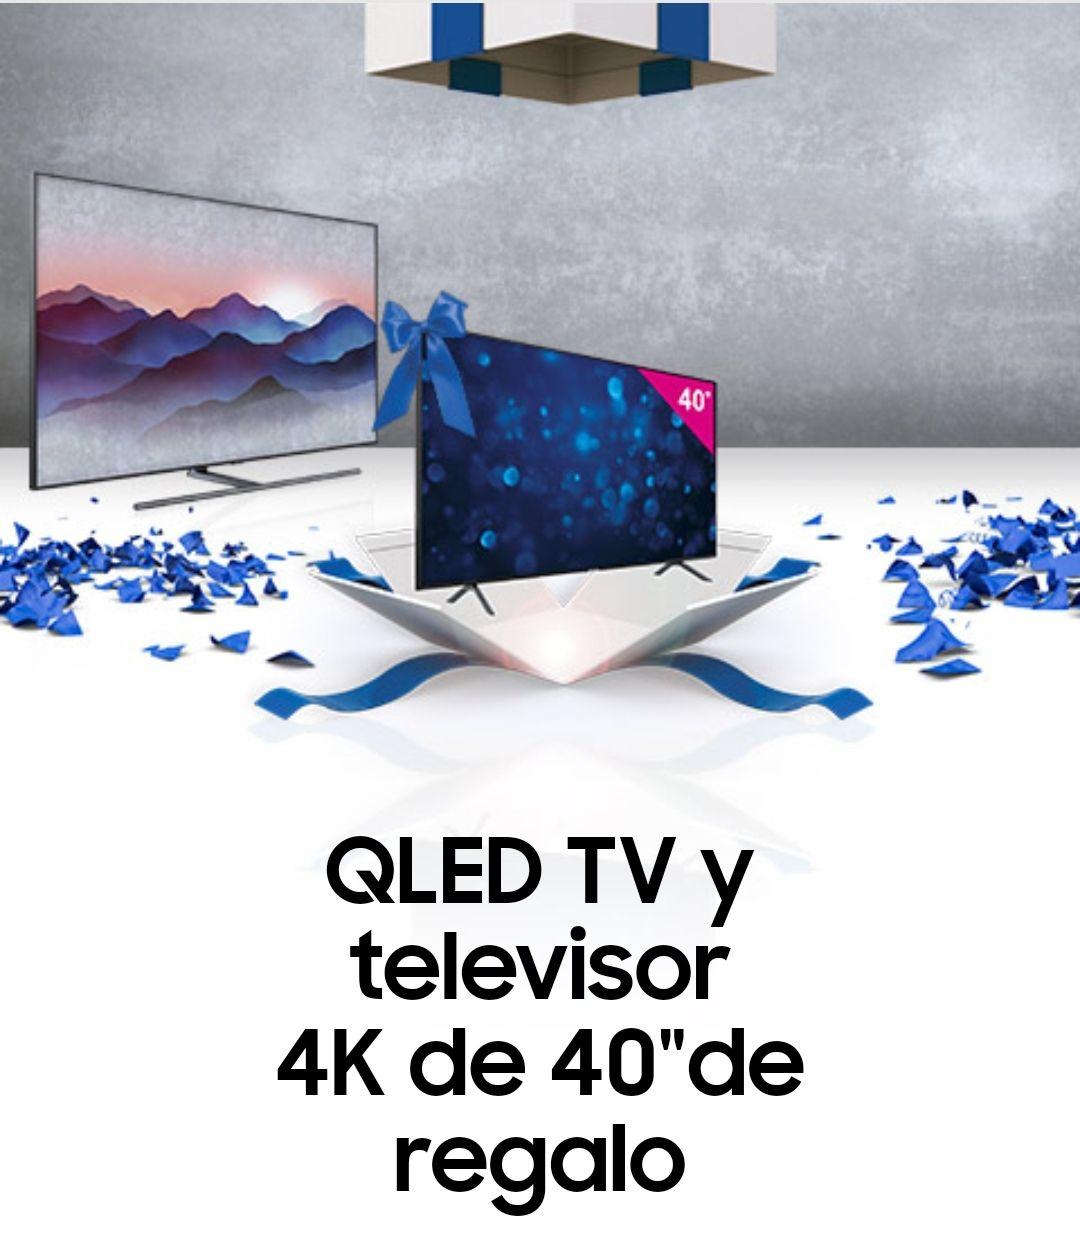 """Samsung QLED TV y televisor 4K de 40""""de regalo"""